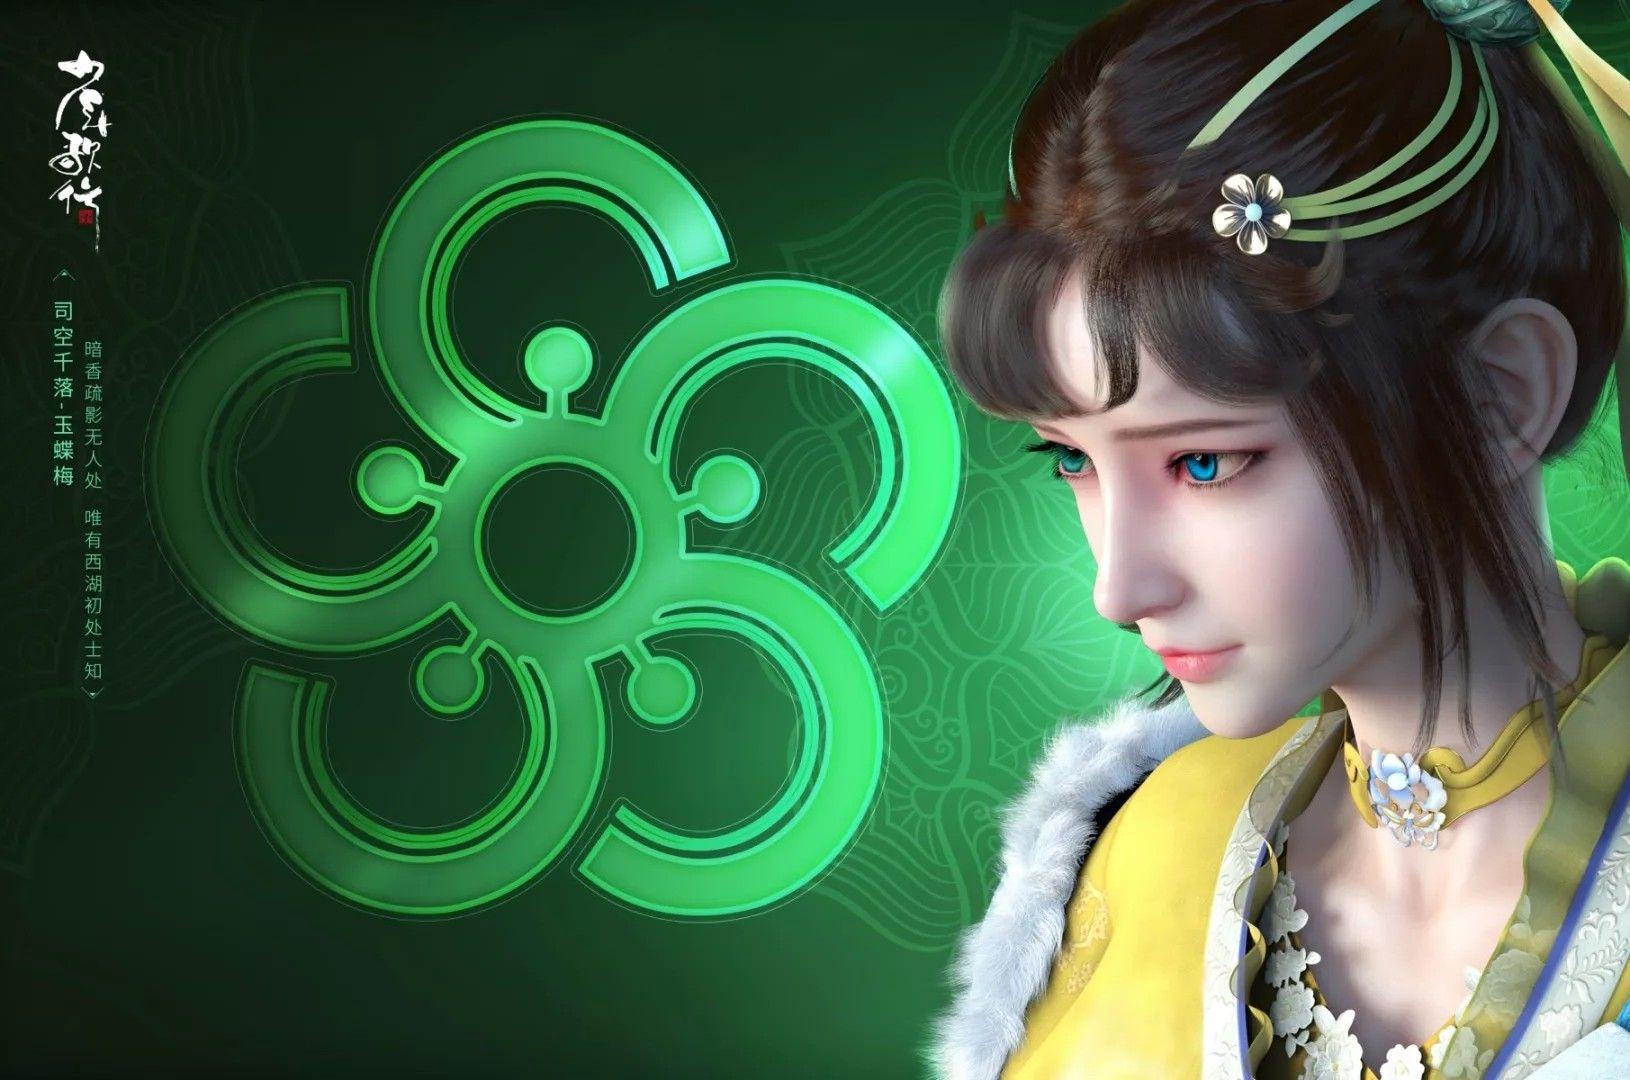 Ghim của ily zhang trên Thiếu Niên Ca Hành Hoạt hình 3d